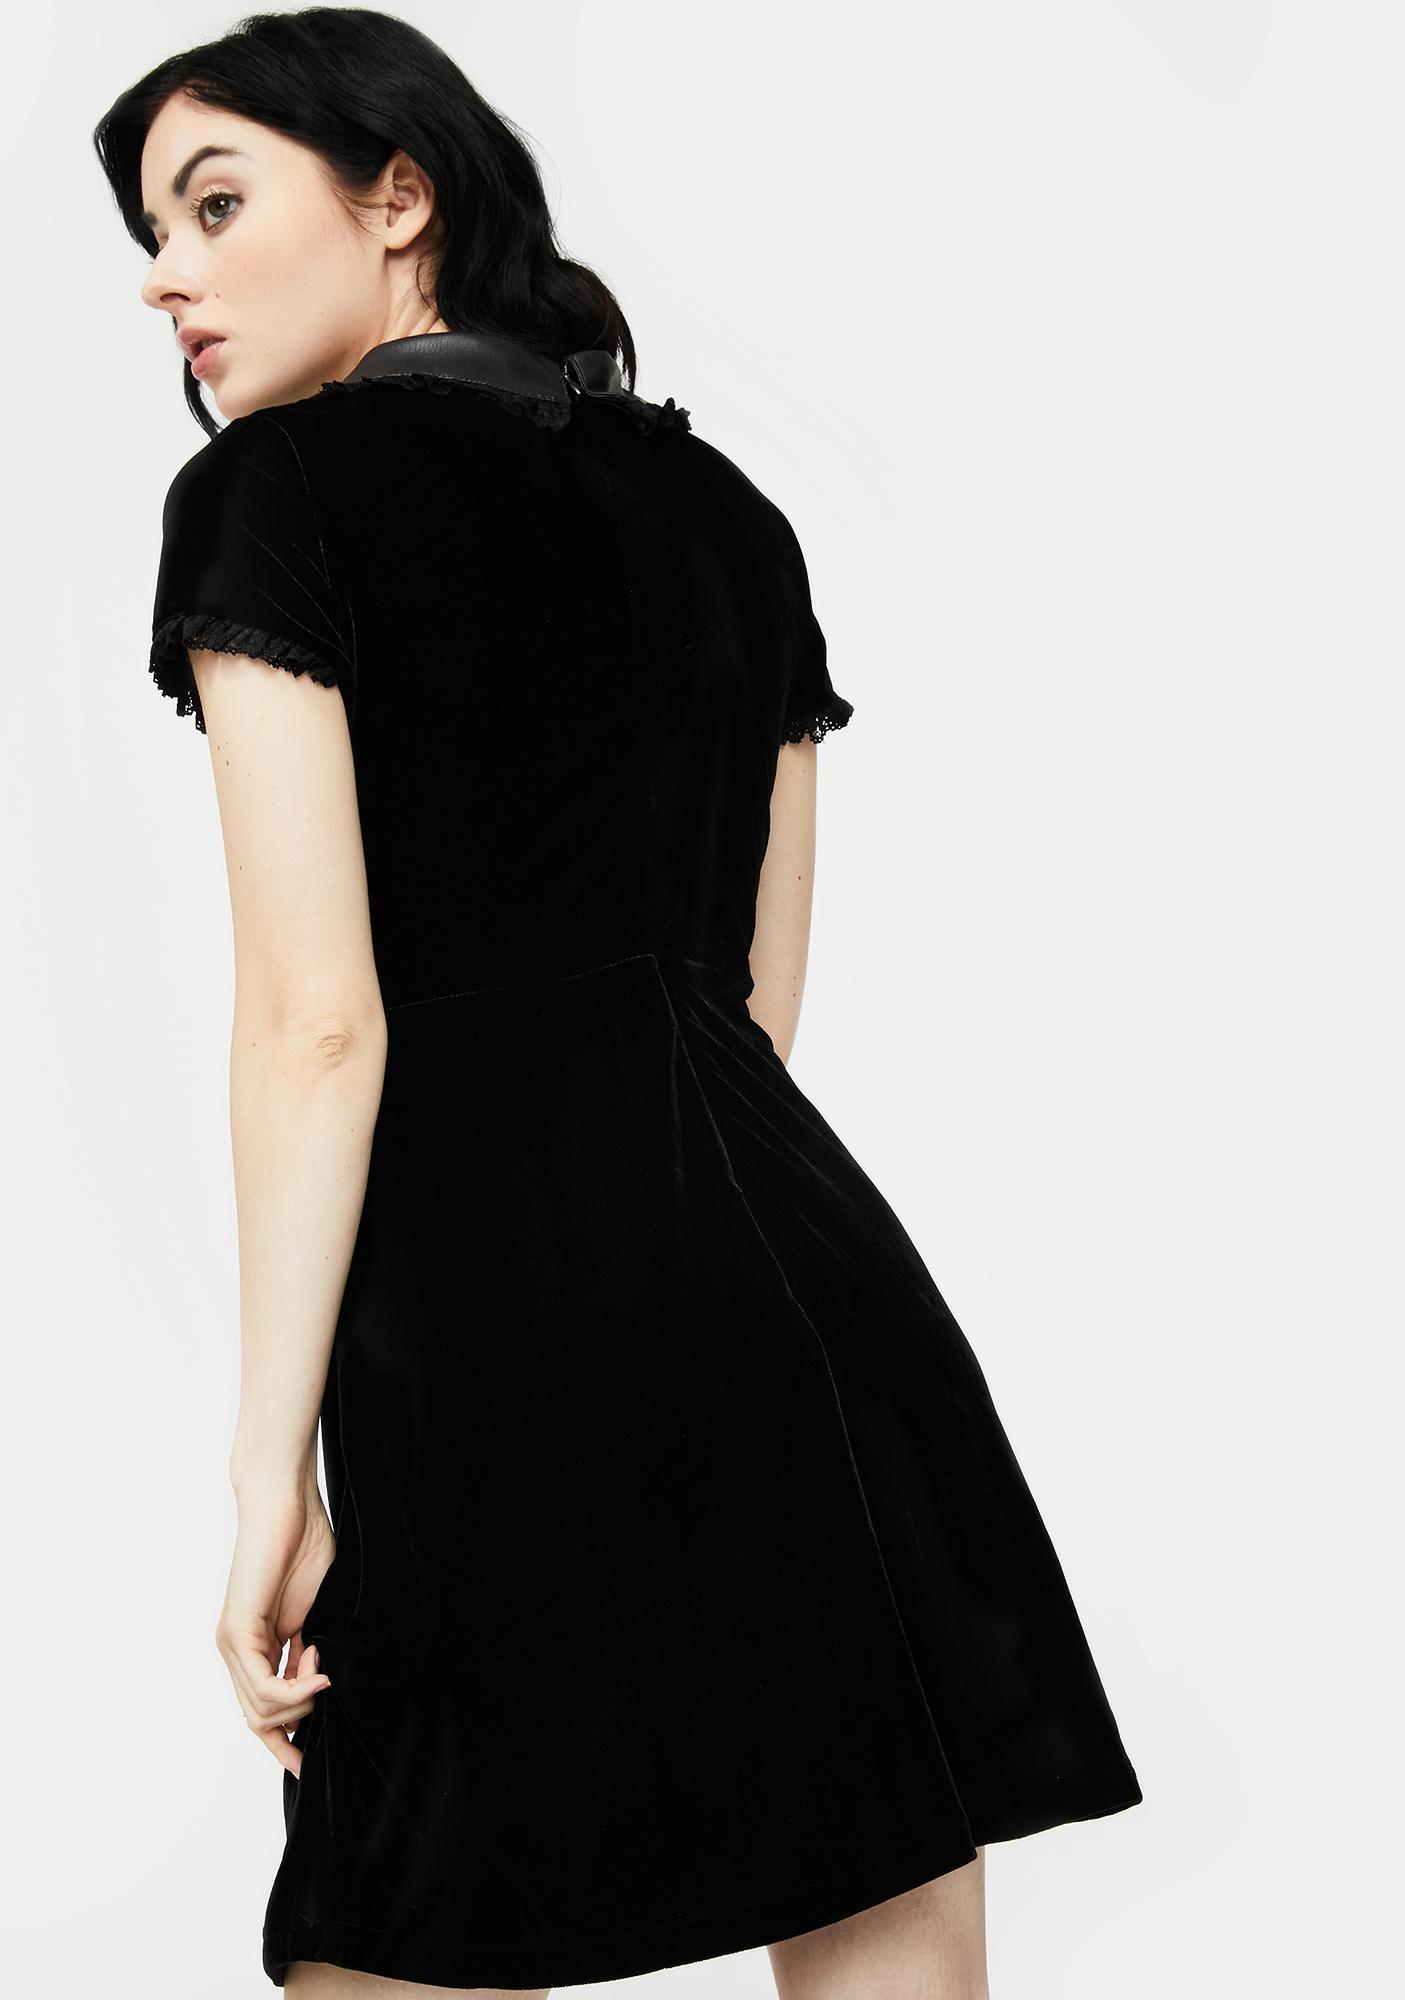 Killstar Fang Shift Dress